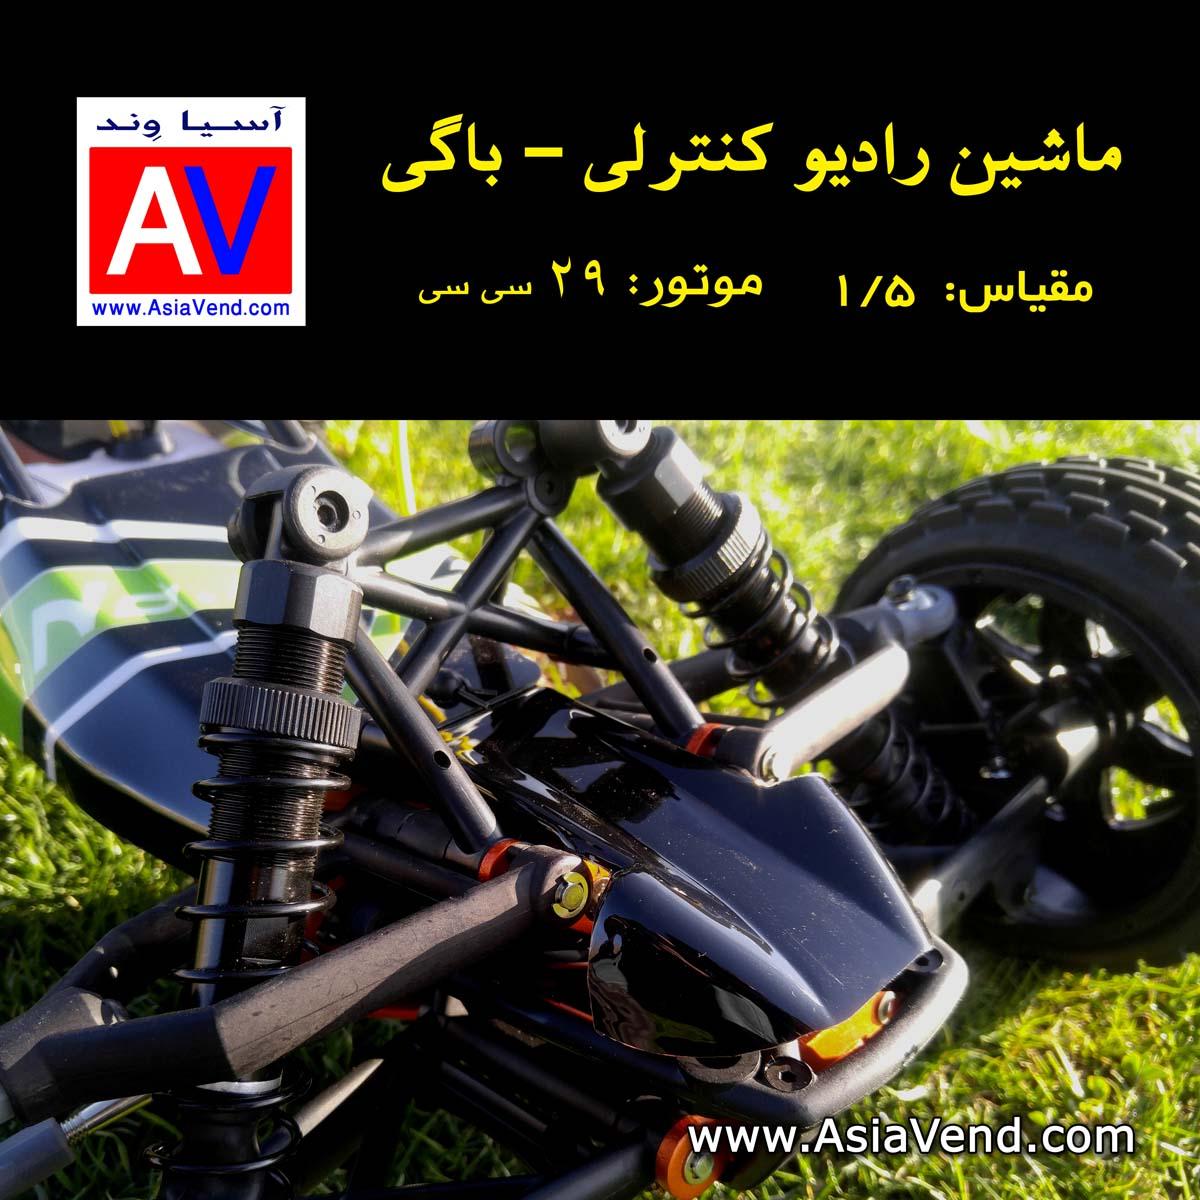 نمایندگی ماشین آرسی Rovan 290 cc ماشین رادیو کنترلی بنزینی آفرود BAJA RC CAR